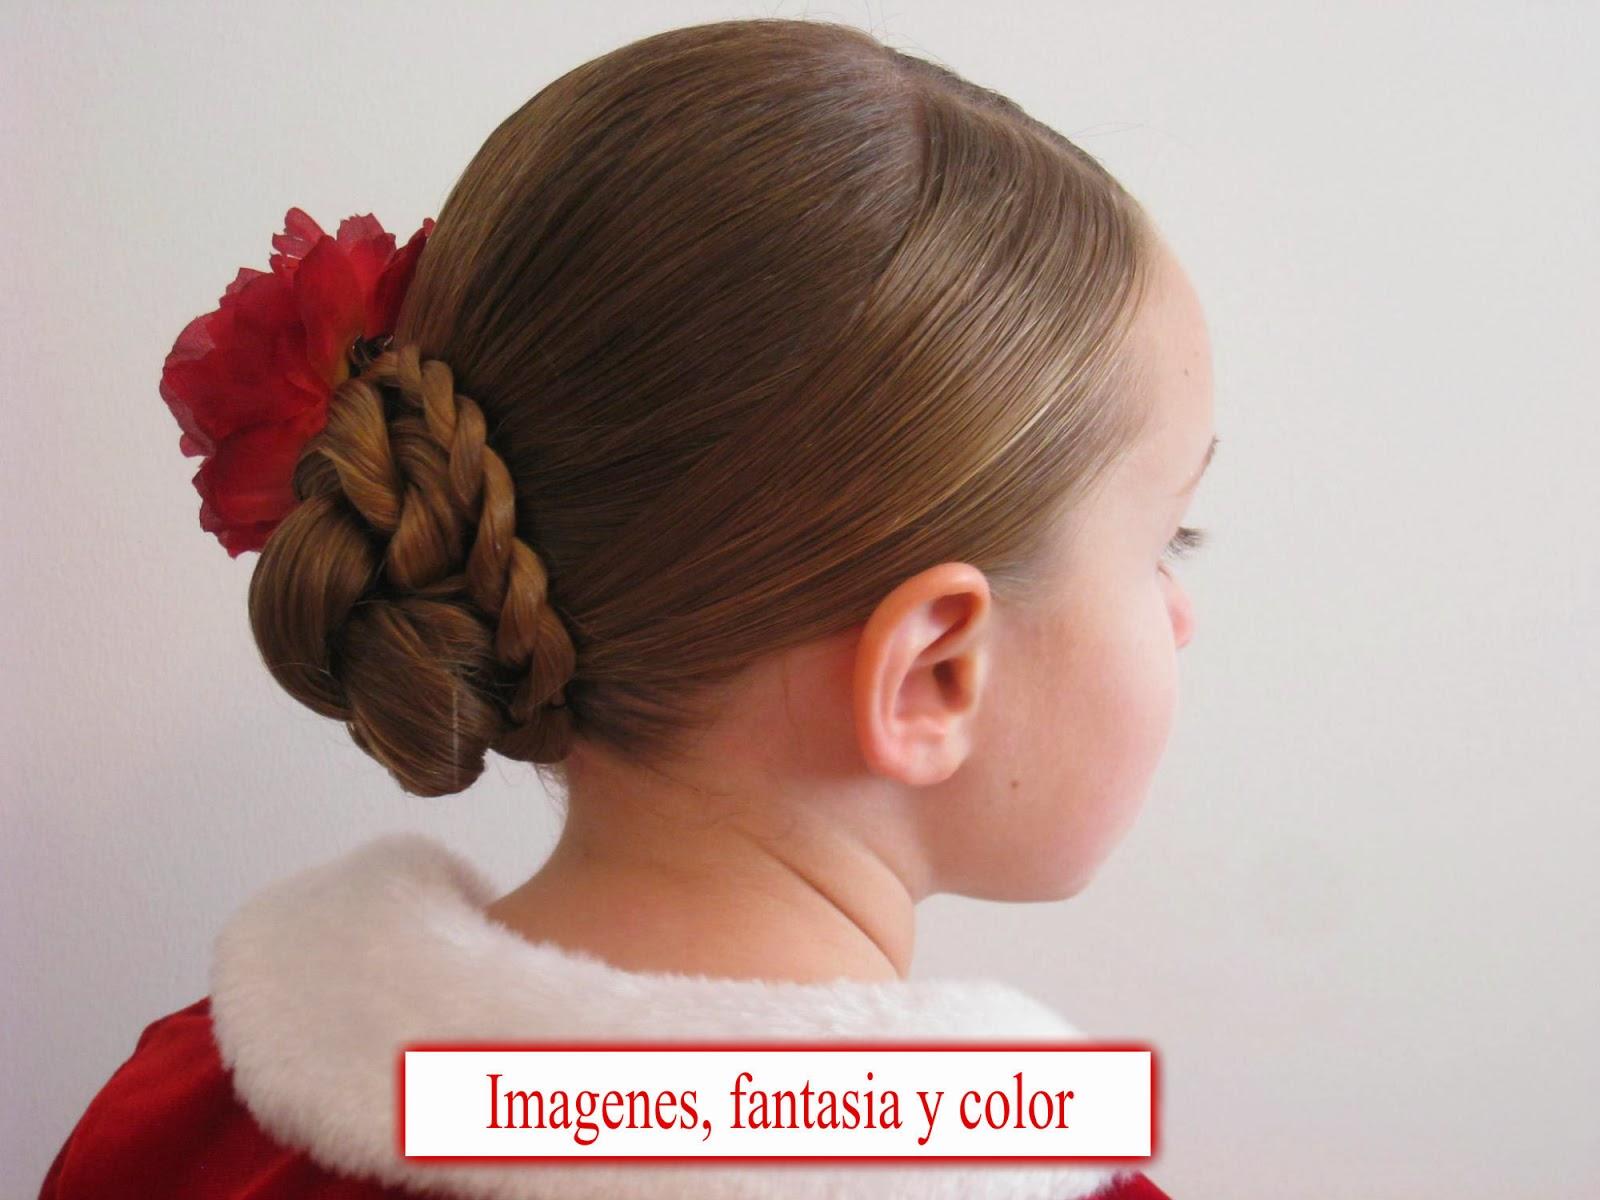 Sorprendentemente fácil probar peinados con tu foto Imagen De Consejos De Color De Pelo - Imagenes, fantasia y color: PEINADOS, CORTES Y COLOR PARA ...